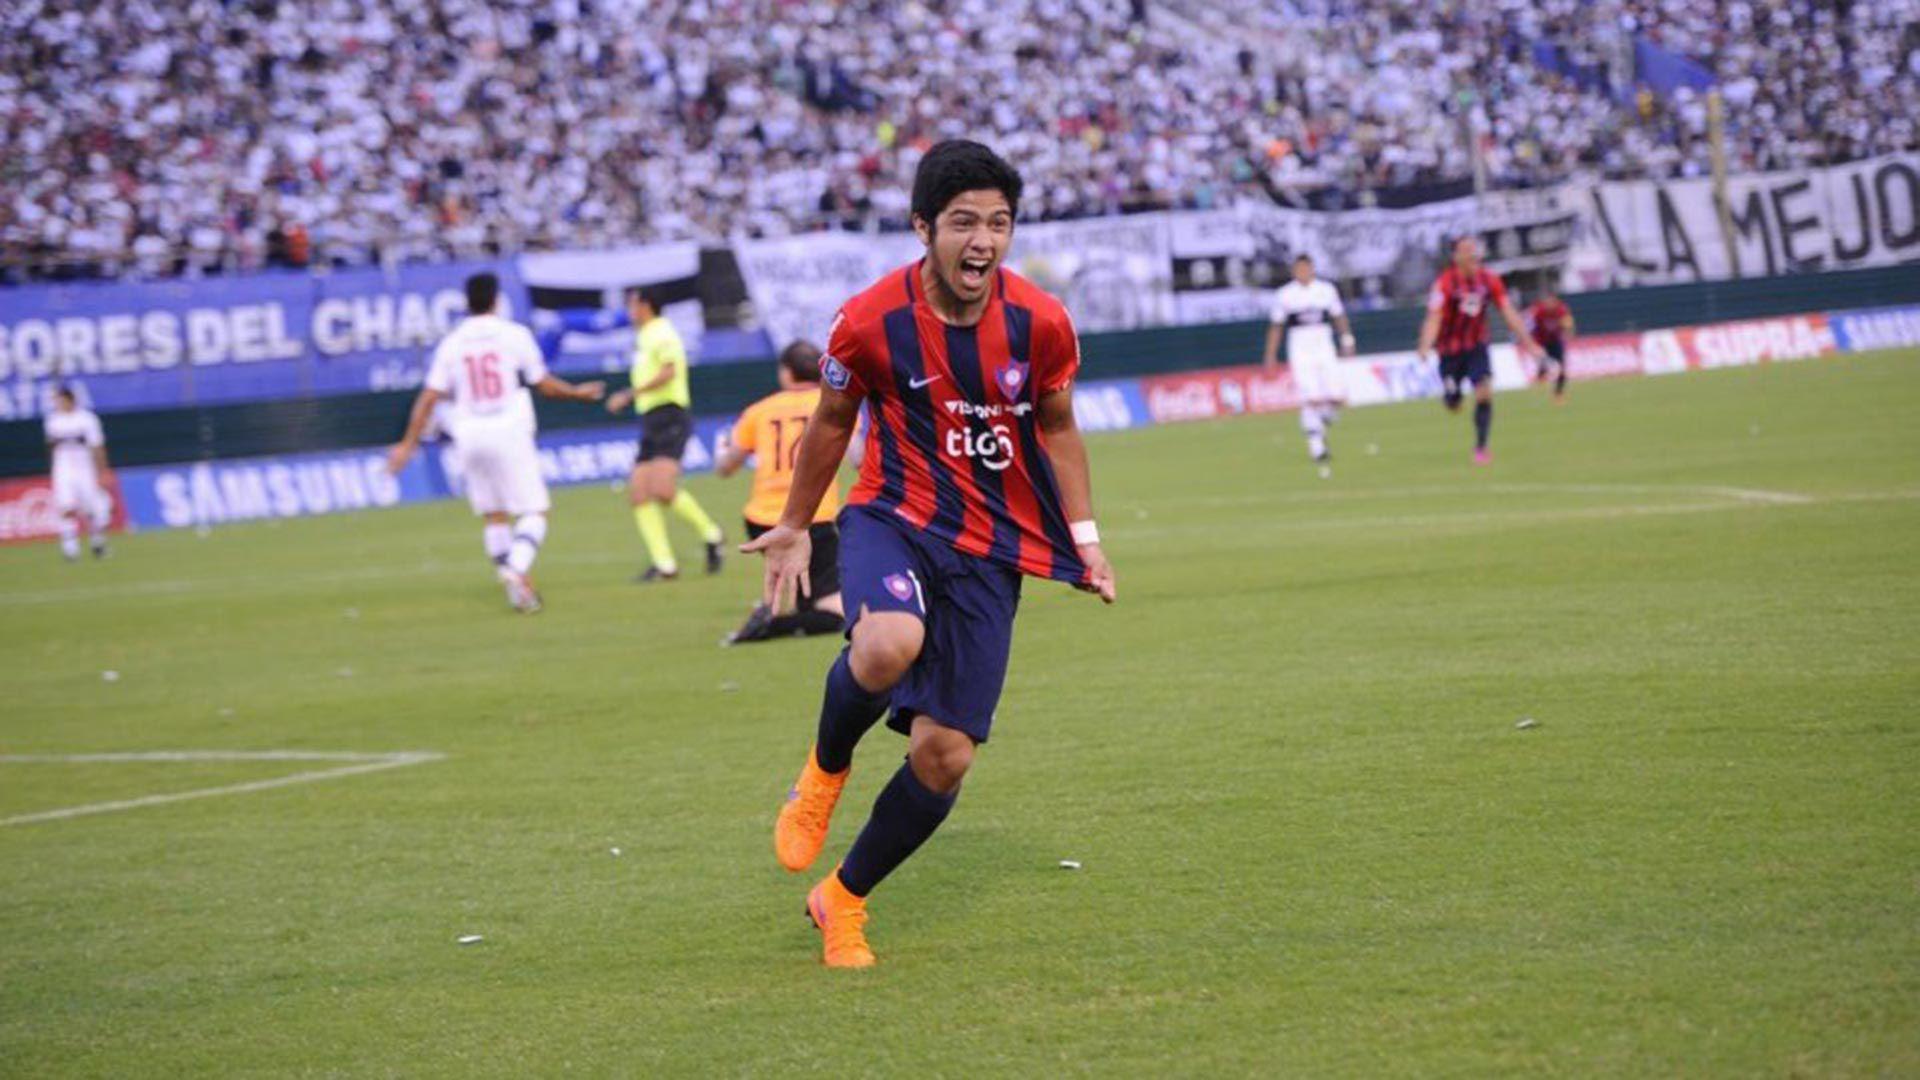 Sergio Díaz era considerado la nueva joya del fútbol paraguayo, jugador del Real Madrid de segunda división, con paso en Cerro Porteño, llegó al América con las expectativas muy altas. (Foto: Archivo)